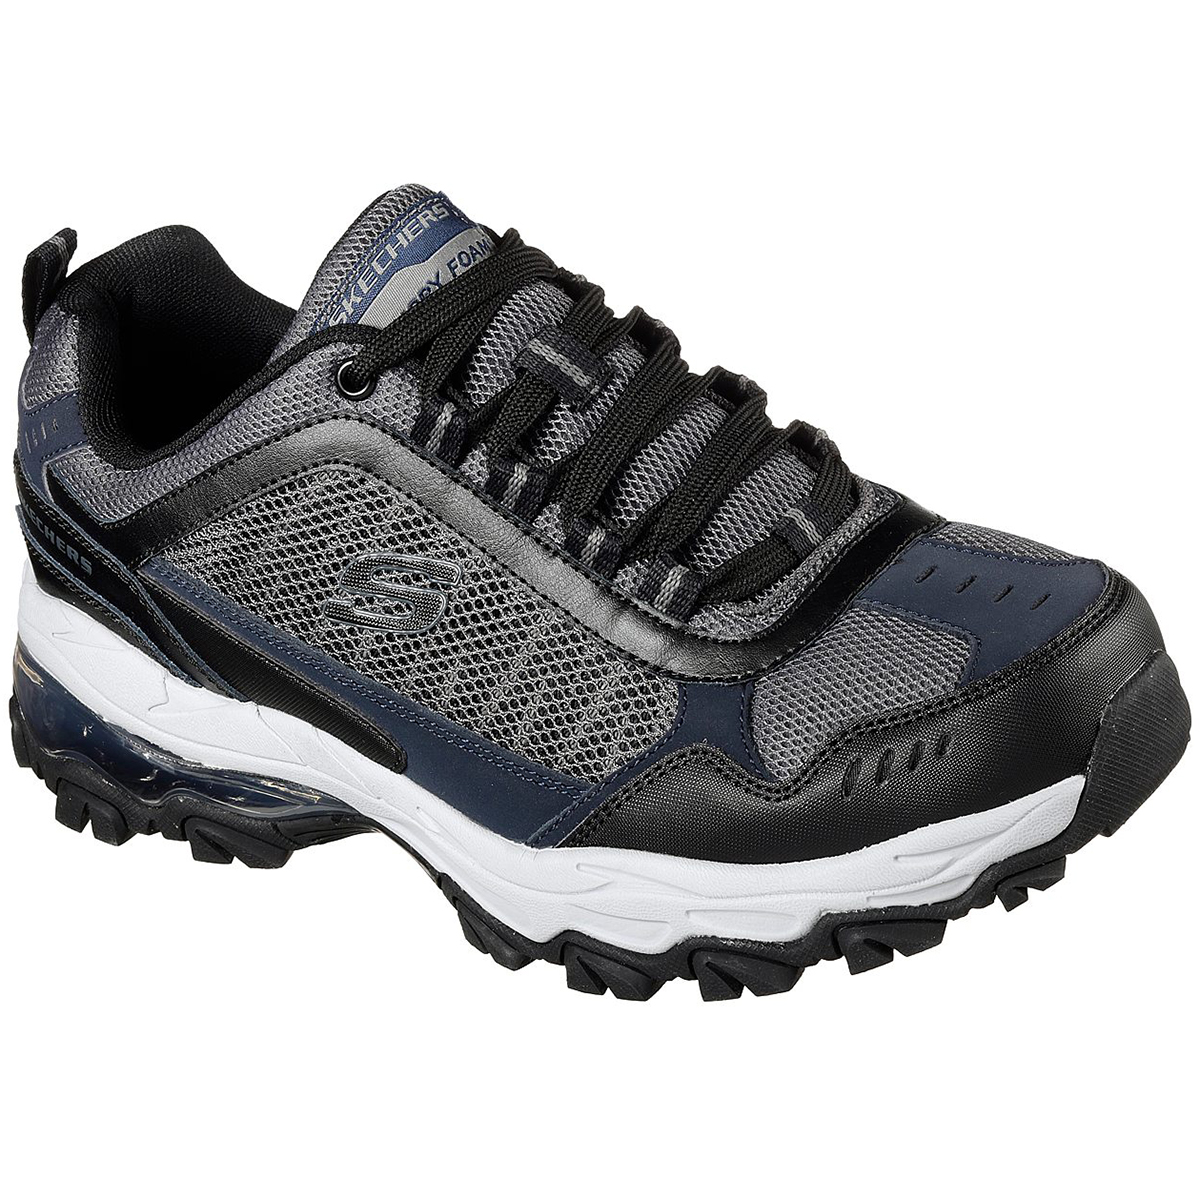 Skechers Men's After Burn M. Fit - Air Sneakers, Grey/black, Wide